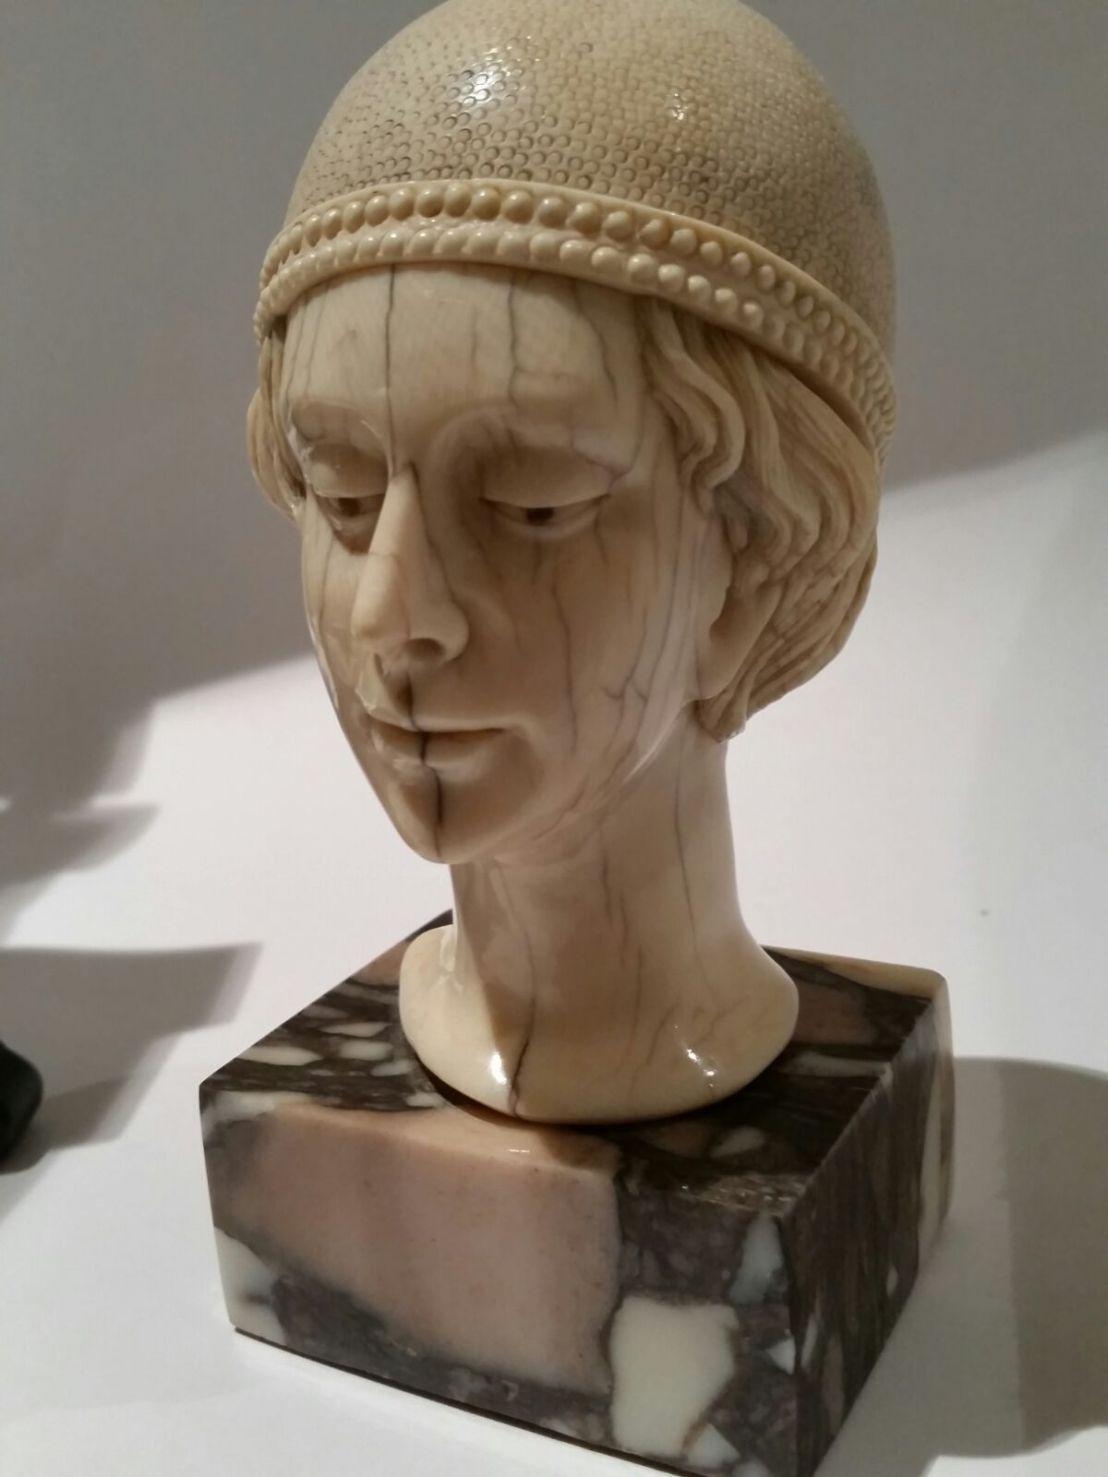 cabeza marfil IMG-20151203-WA0005